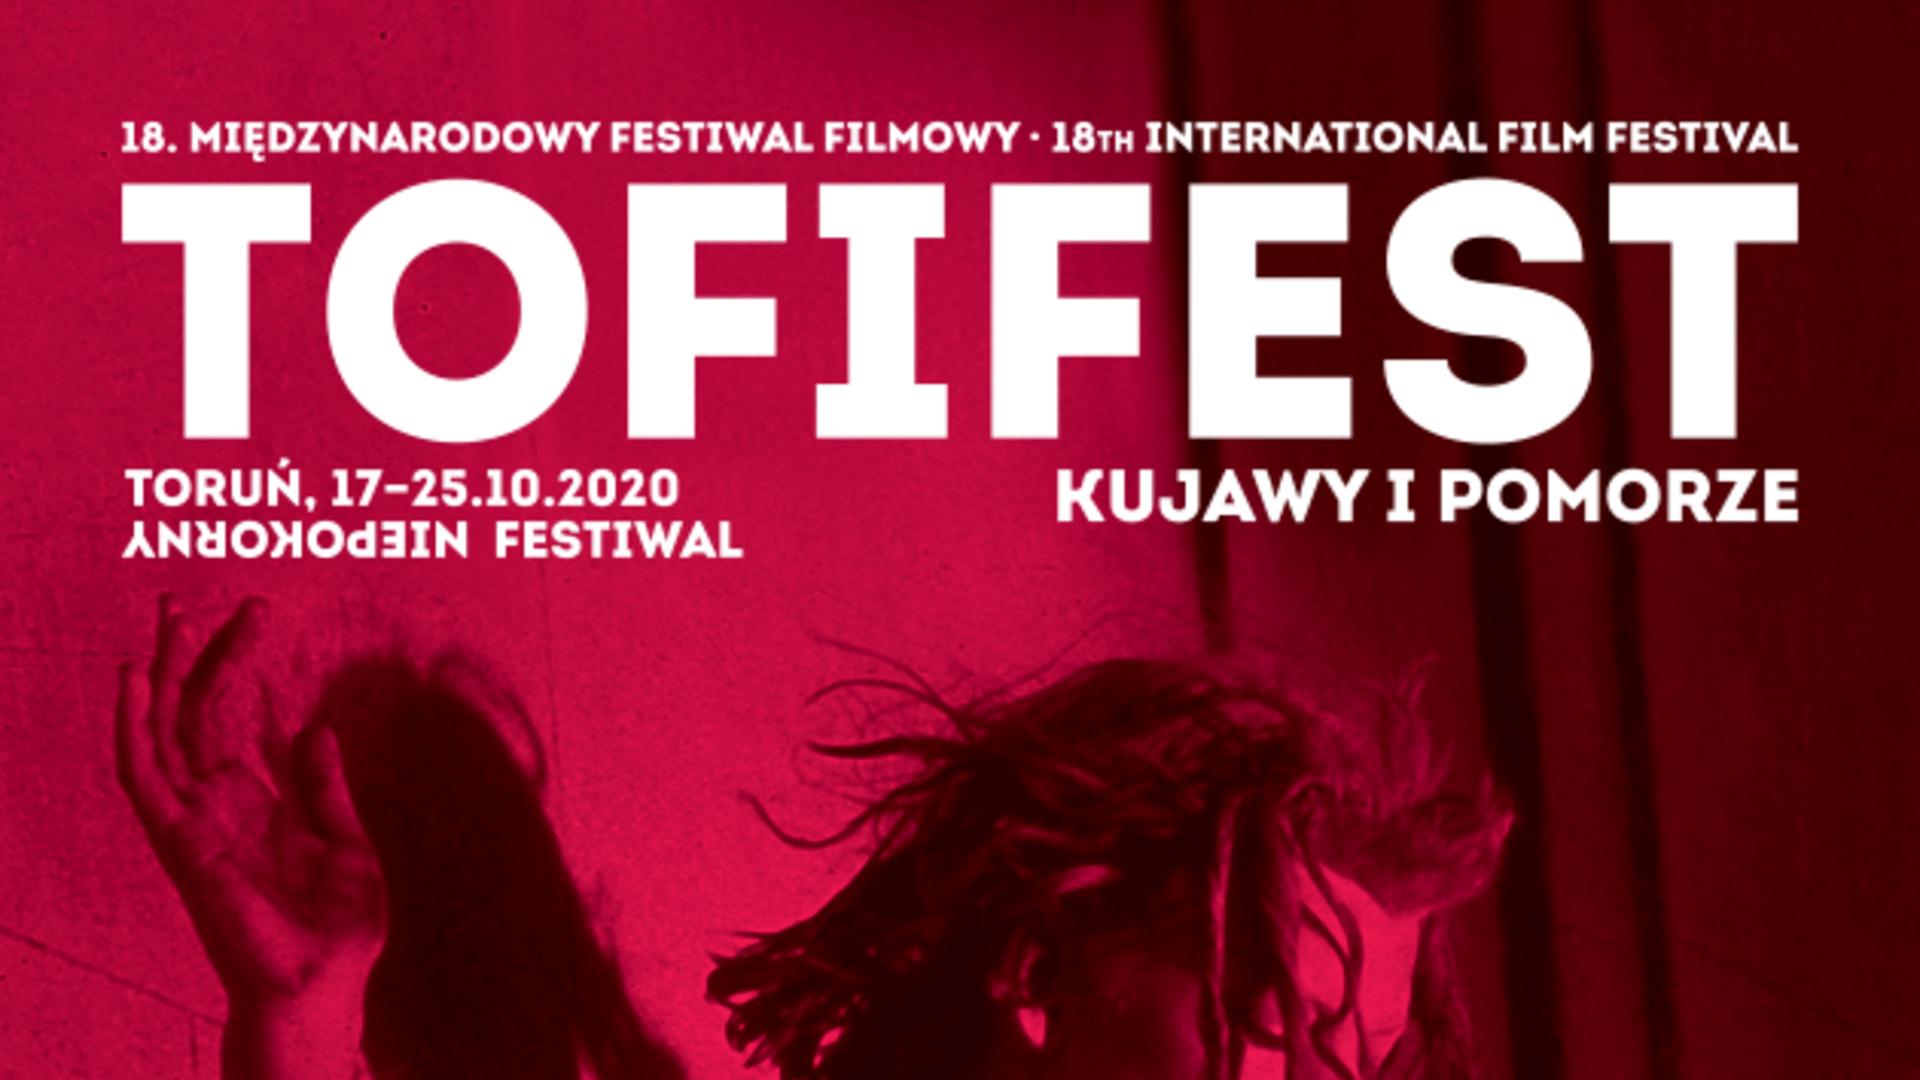 18. MFF Tofifest w Toruniu rusza 17 października